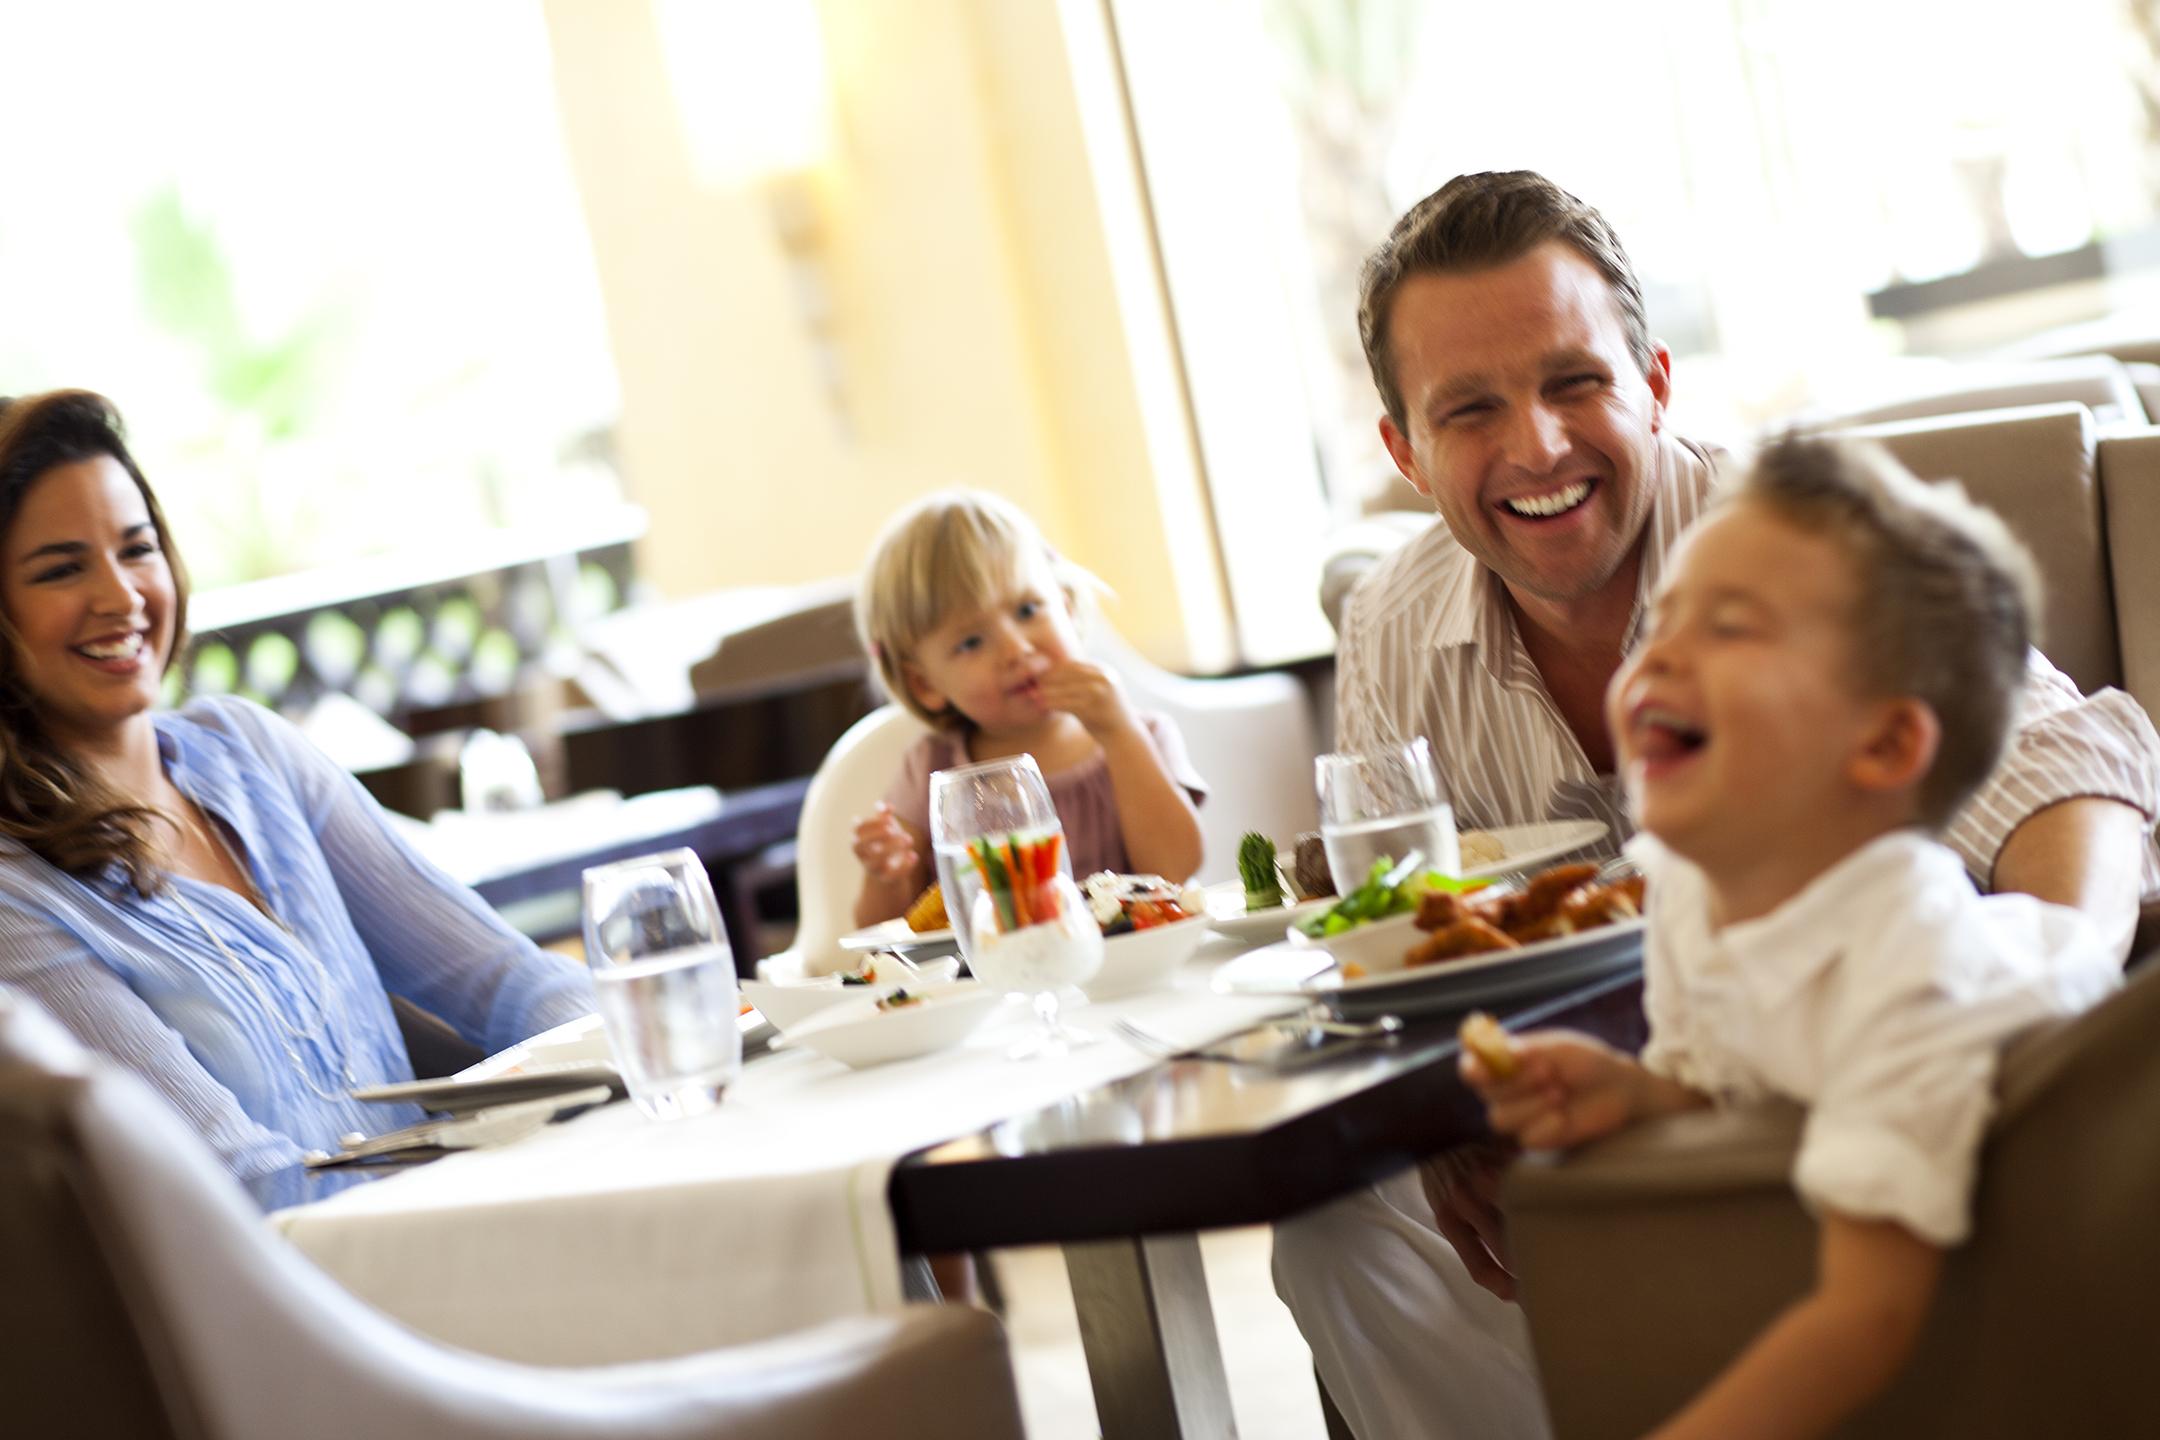 Family Restaurants Near Me Lunch